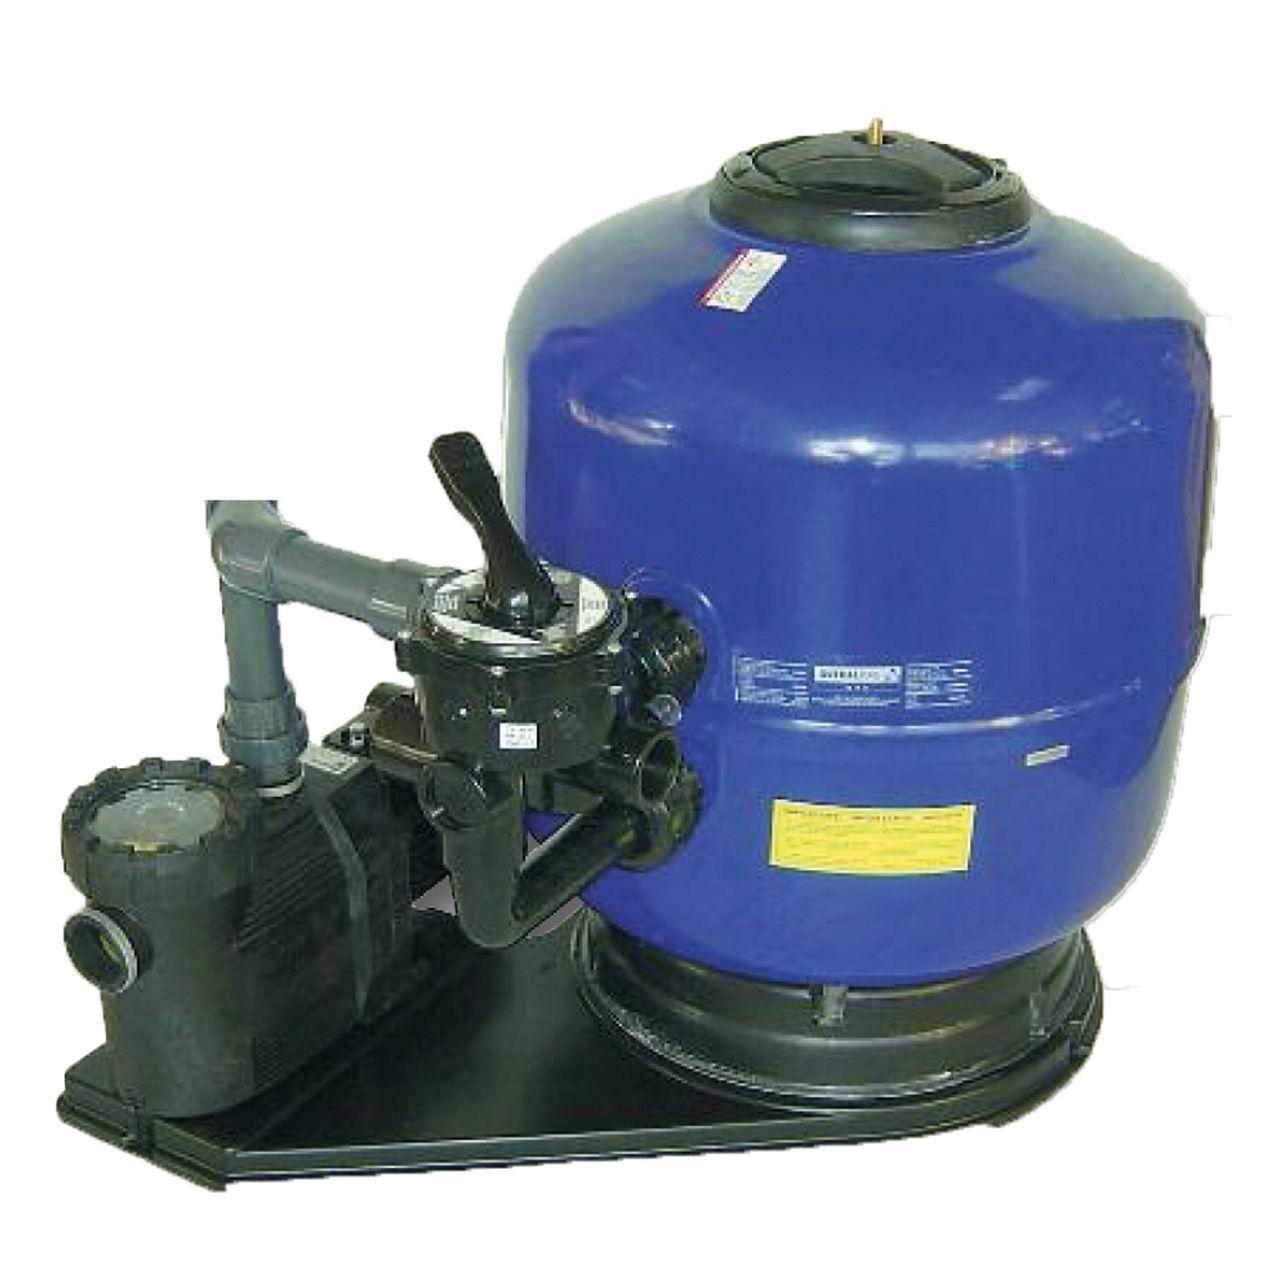 Schwimmbad filteranlage comfort 650 f r becken bis 75 m for Schwimmbad filteranlage